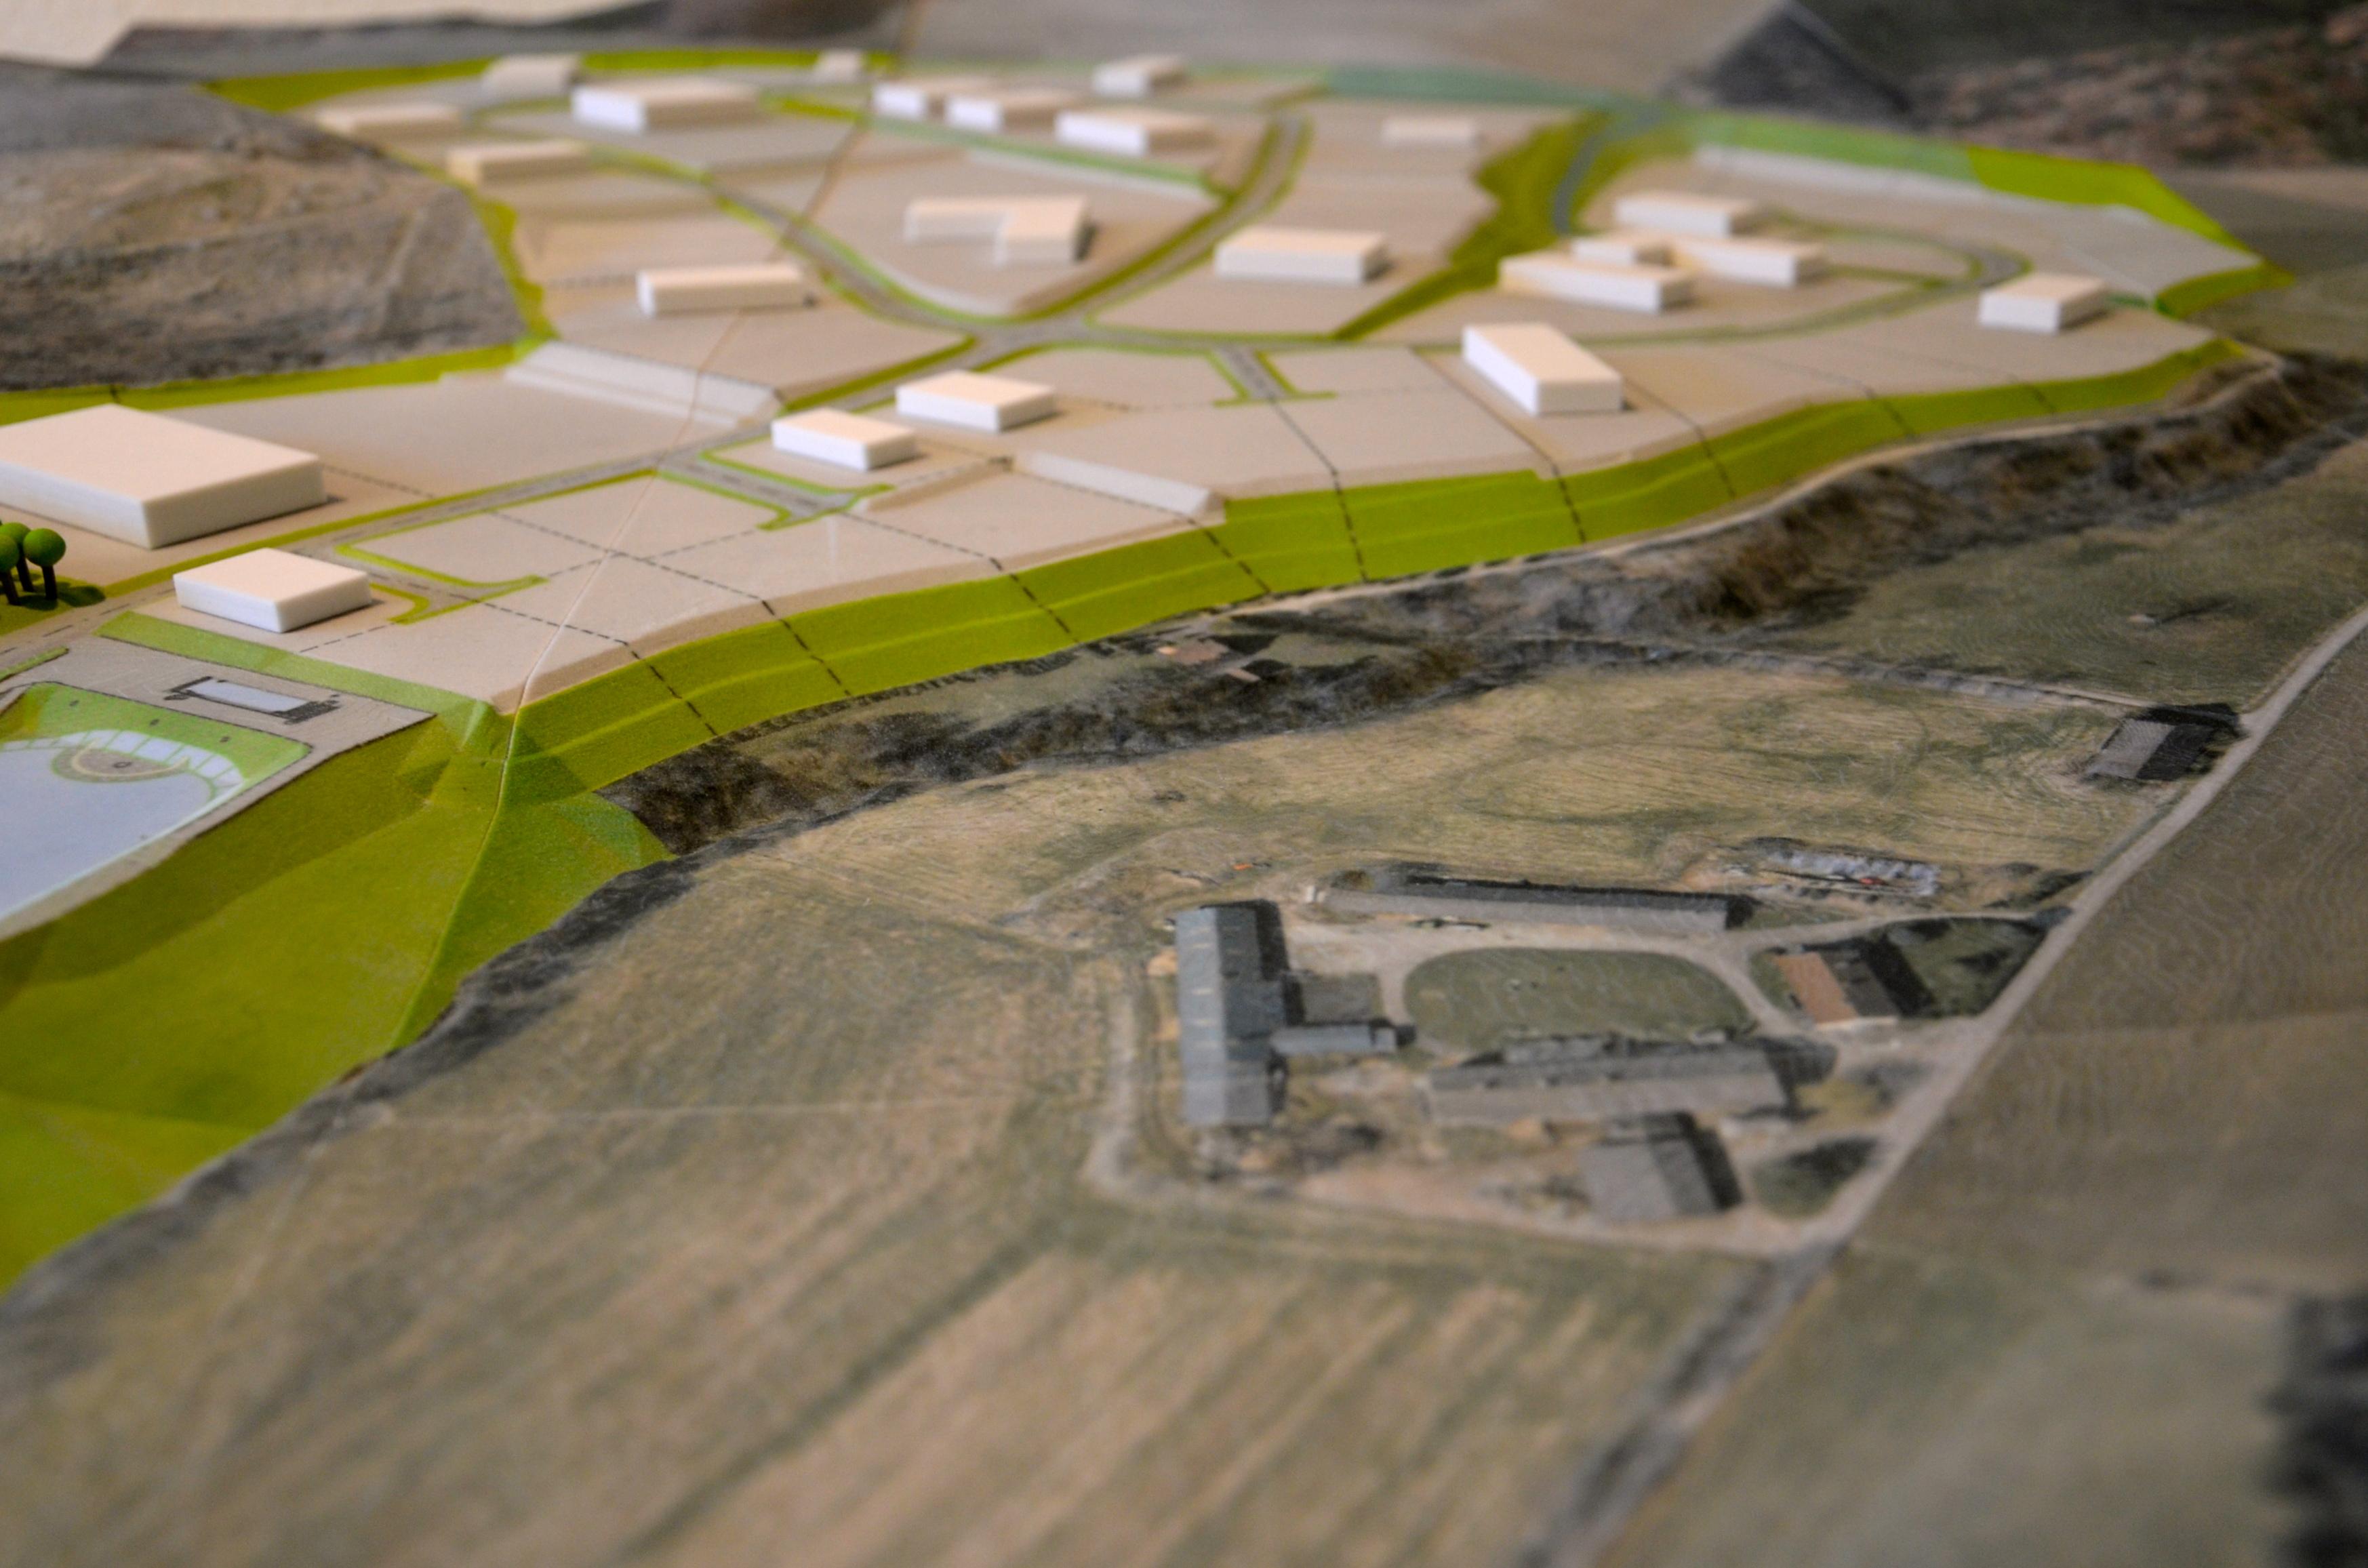 Fabrica_Geländemodelle mit 3D-Druck